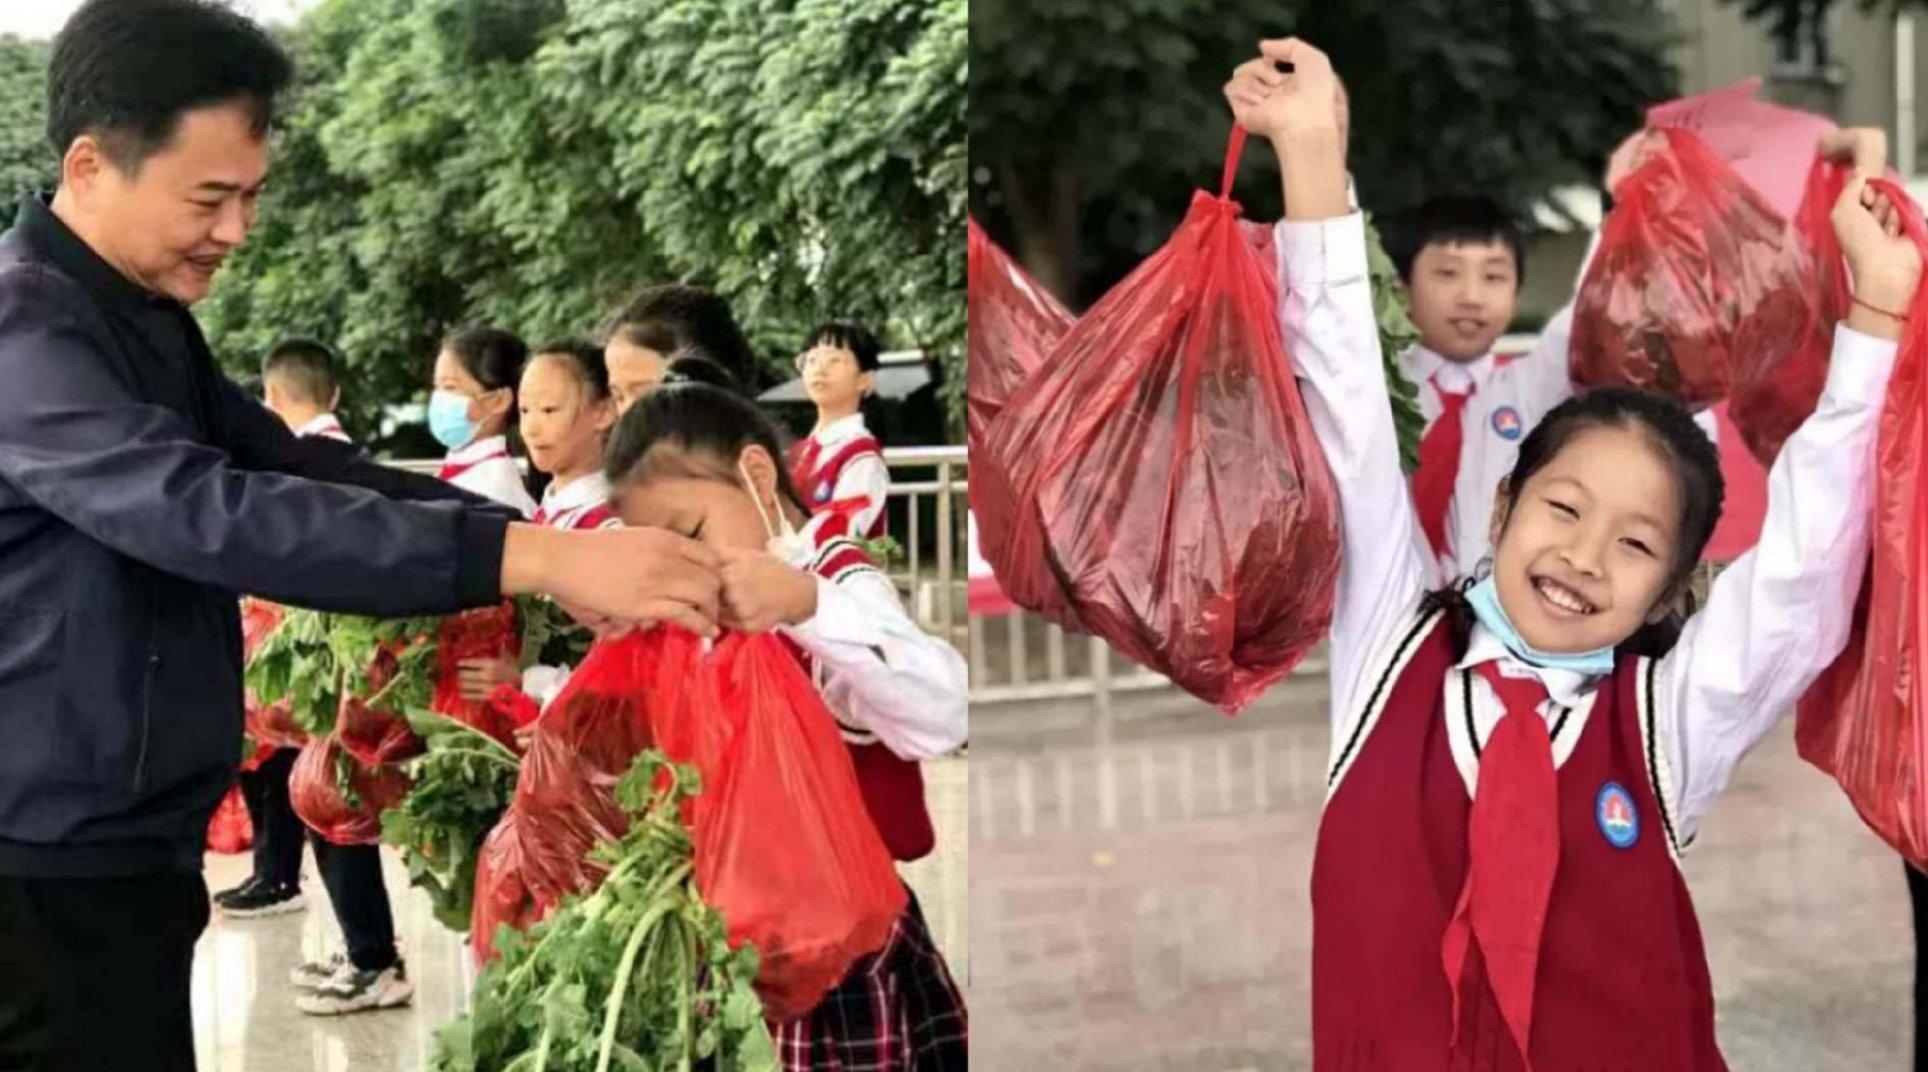 学校给小学生蒜苗萝卜当奖品,家长:已买好肉和排骨